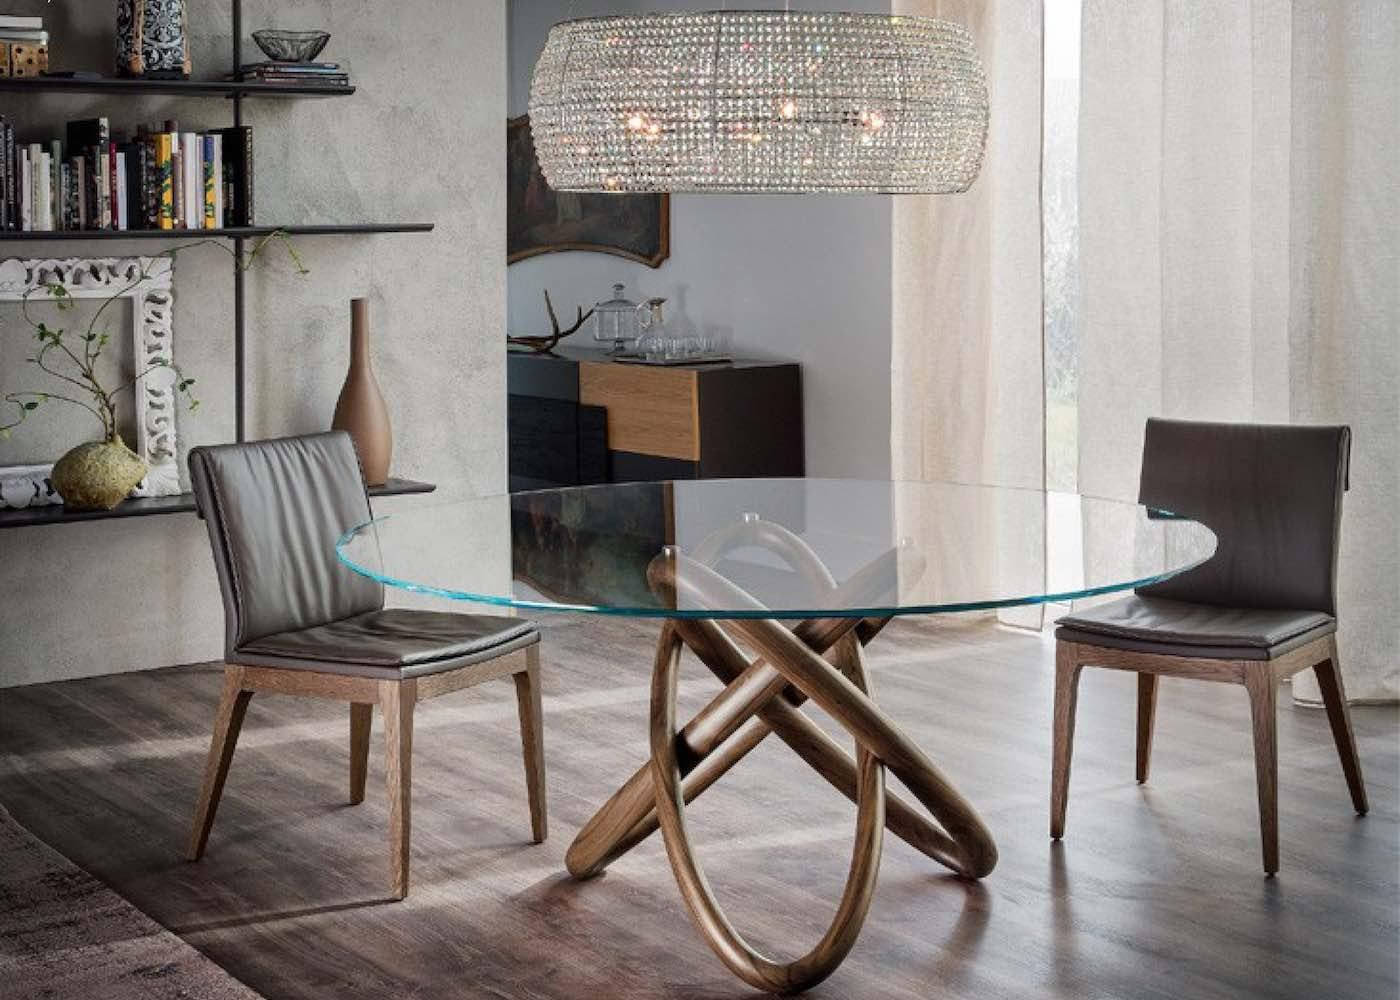 mazarin-ameublement-catalogue-produits-table-salle-a-manger-5